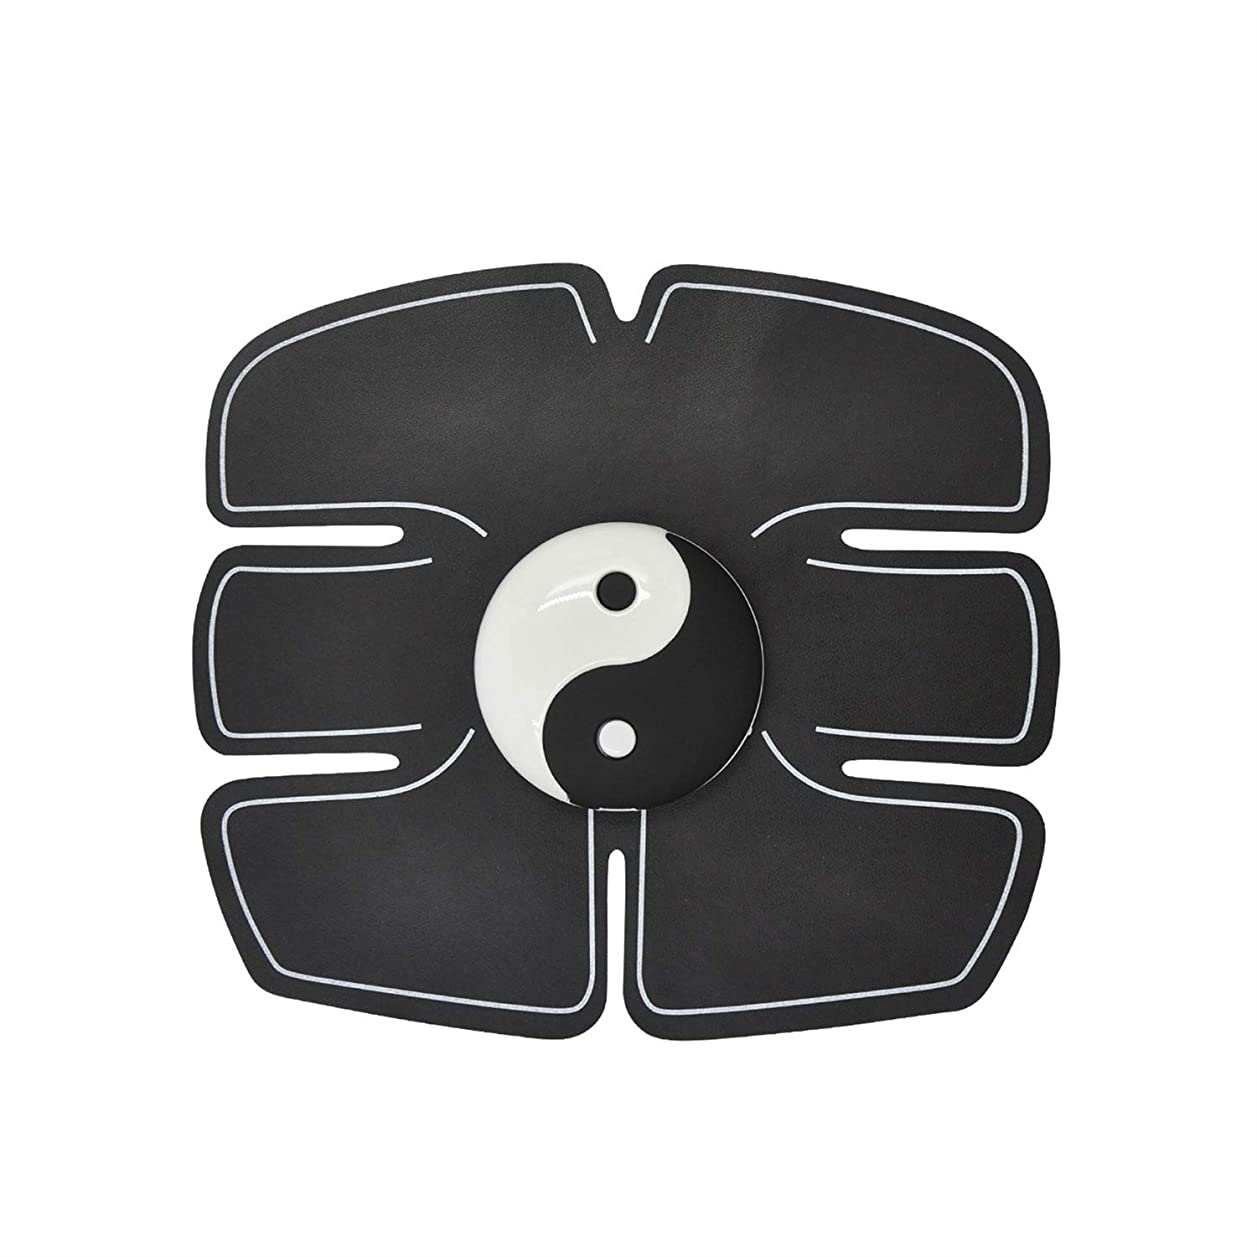 バー精査放置Ems筋肉刺激装置、腹部筋肉トナー腹筋トレーナーフィットネストレーニングギアabsフィット重量筋肉トレーニング調色ジムトレーニングマシン用男性&女性 (Size : Abdominal stickers)